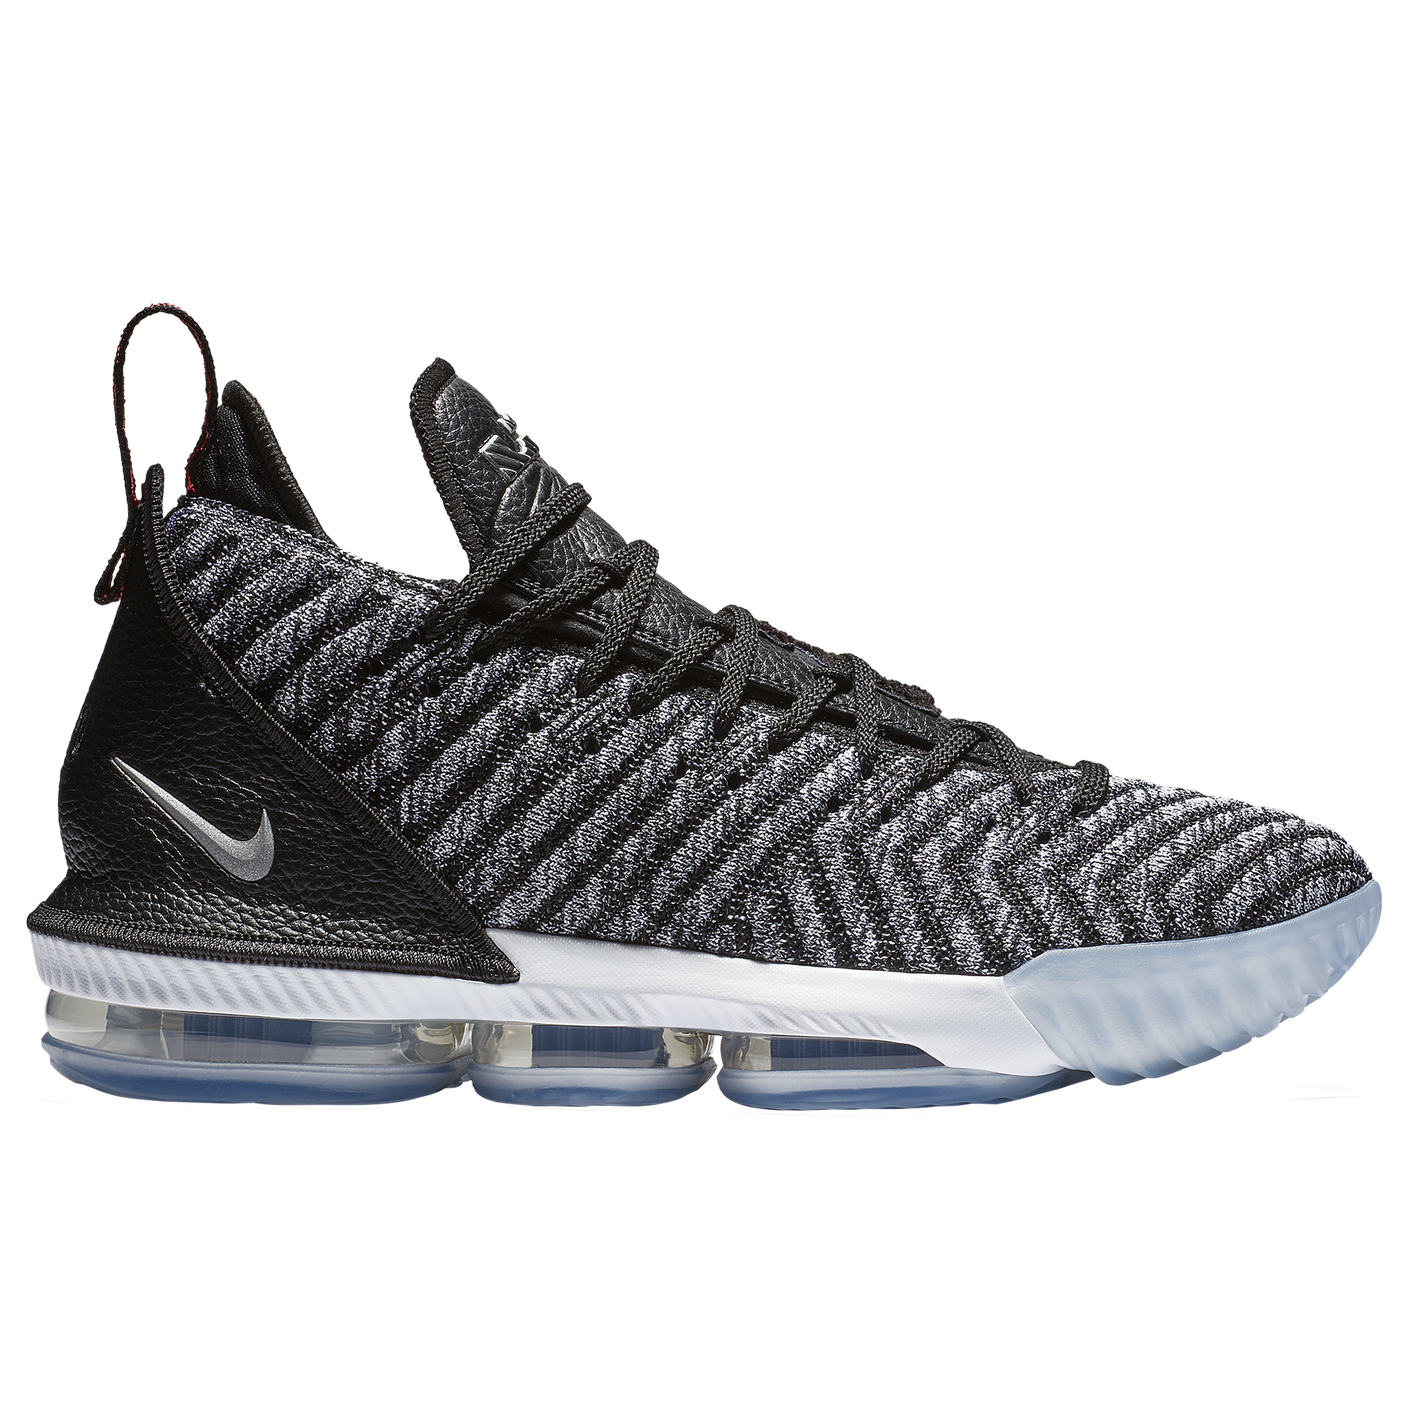 a95c6b51eea53 Nike LeBron 16 - Men s - Basketball - Shoes - James